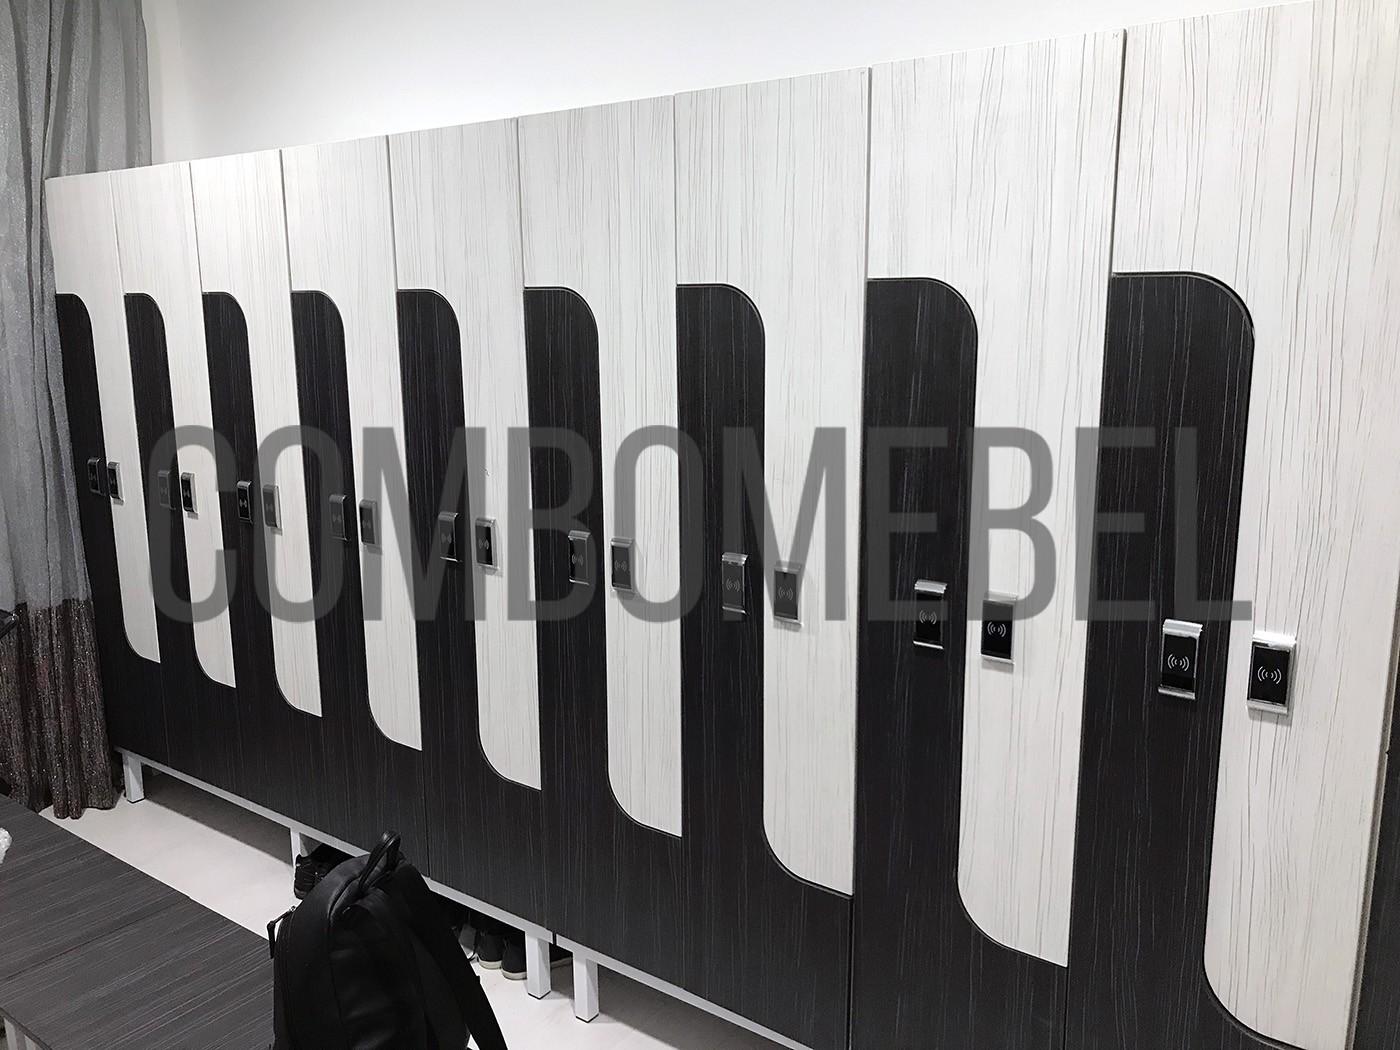 L-образные раздевальные шкафы на белом металлокаркасе